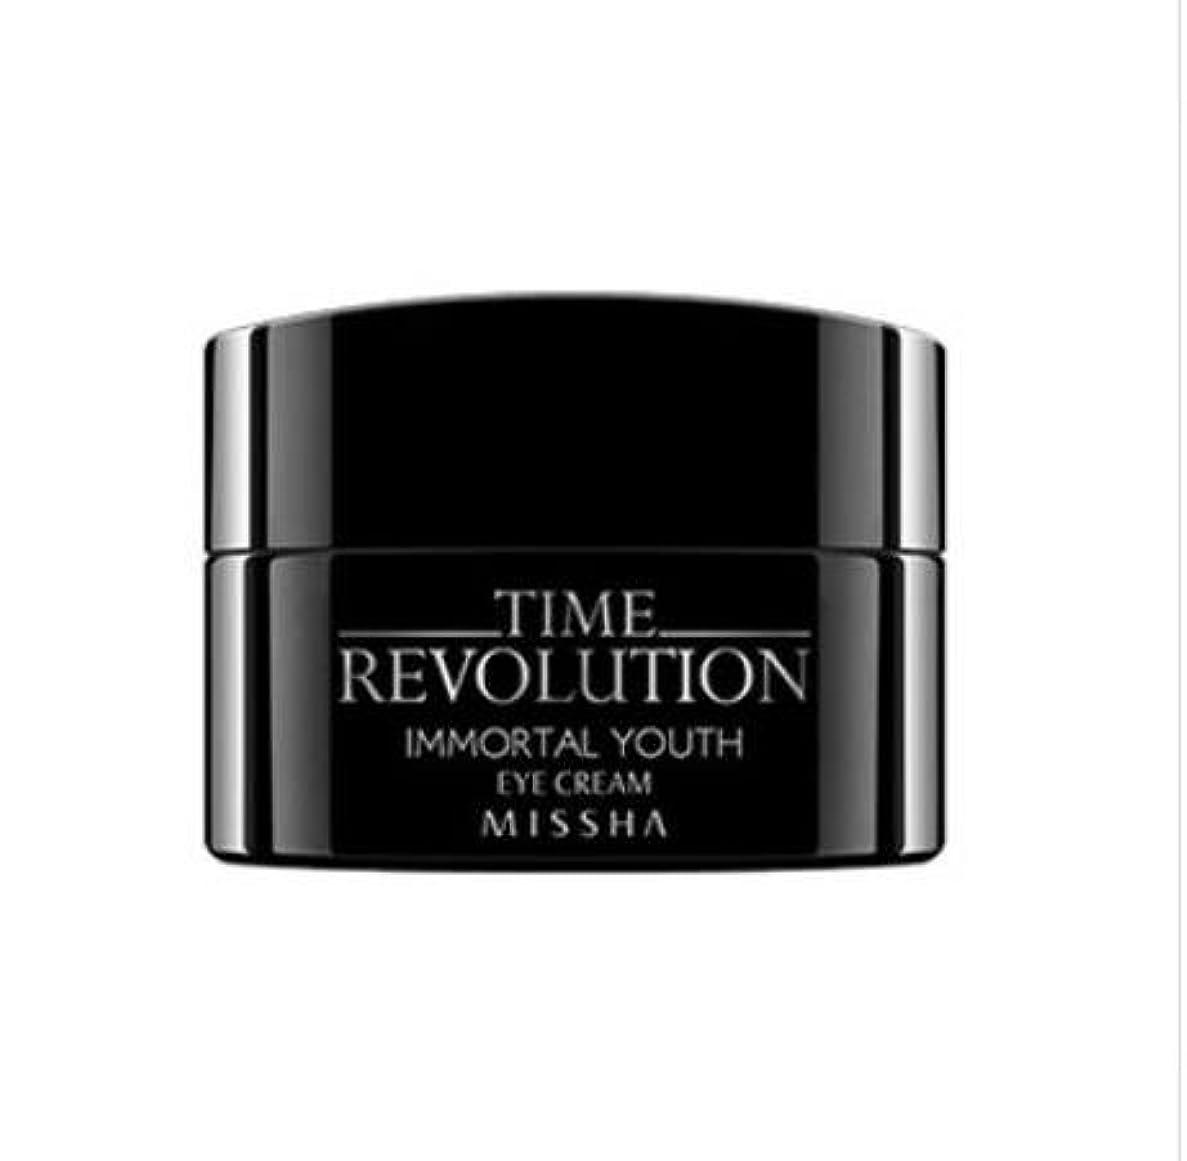 背骨ビバボール[ミシャ] Missha [タイムレボリューション イモタルユース アイクリーム](MISSHA Time Revolution Immortal Youth Eye Cream) [並行輸入品]